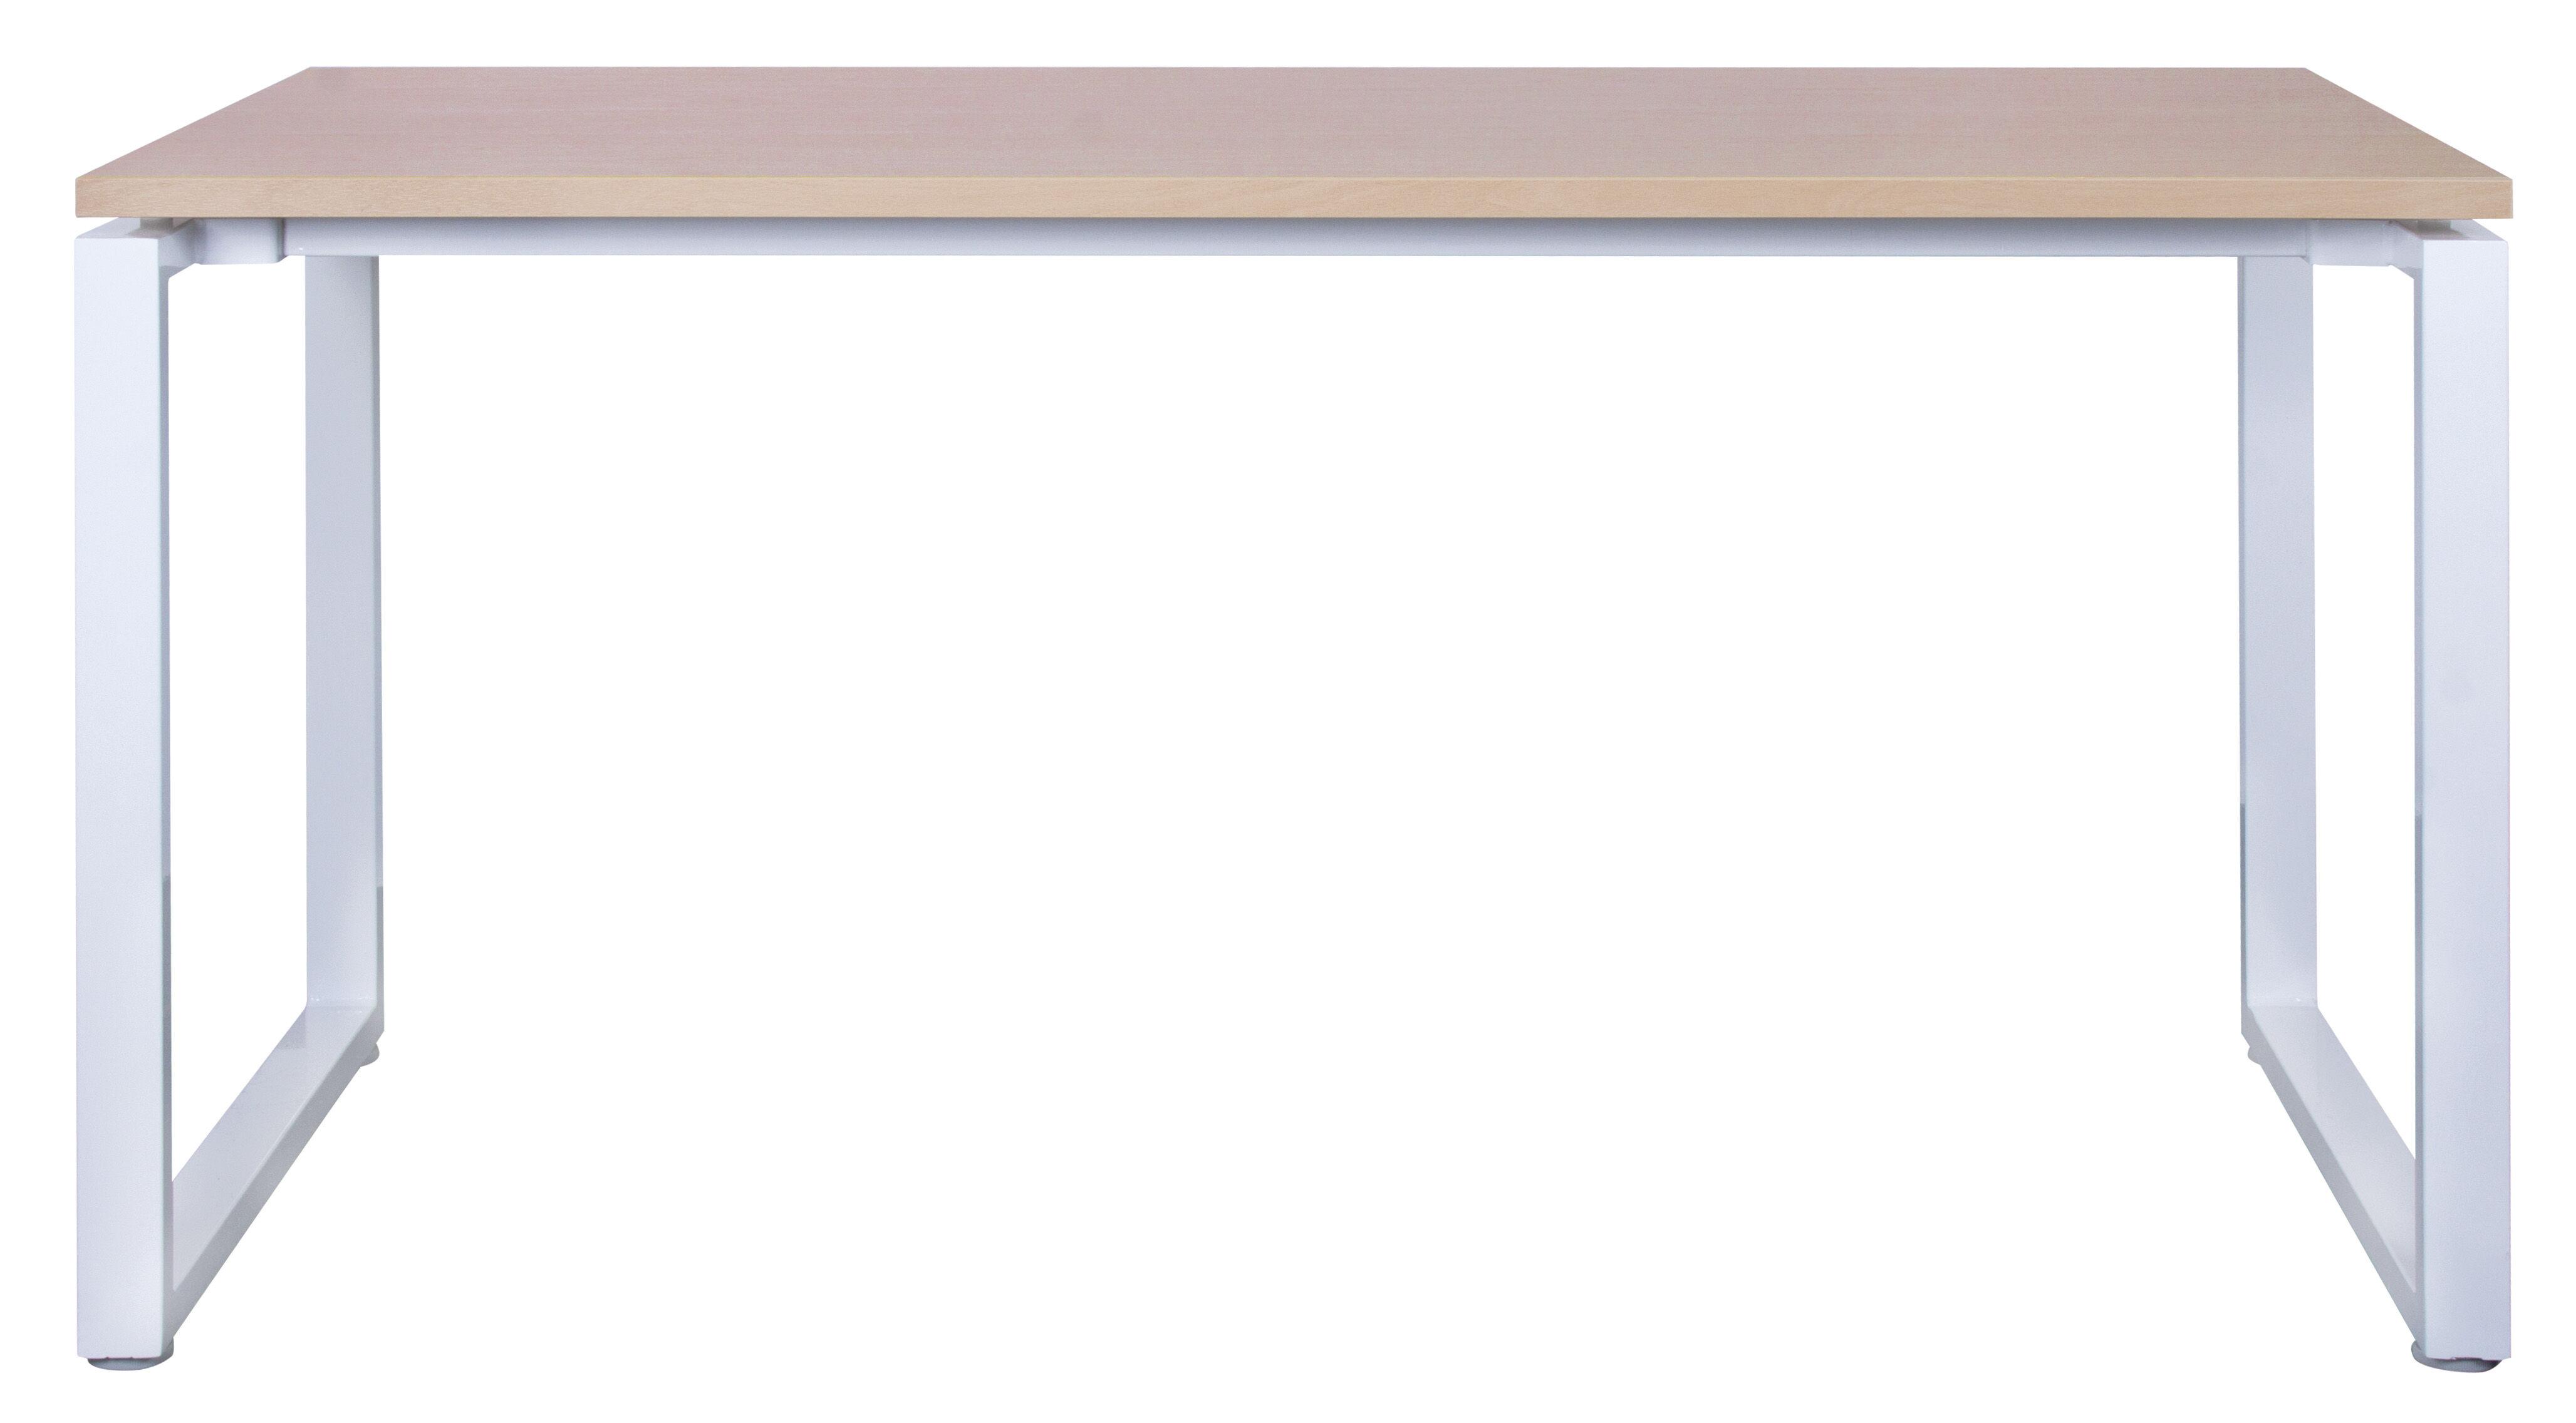 Bureau droit MT1 Elégance - L140 x P67 x H75 cm - pieds blancs - plateau imitation hêtre